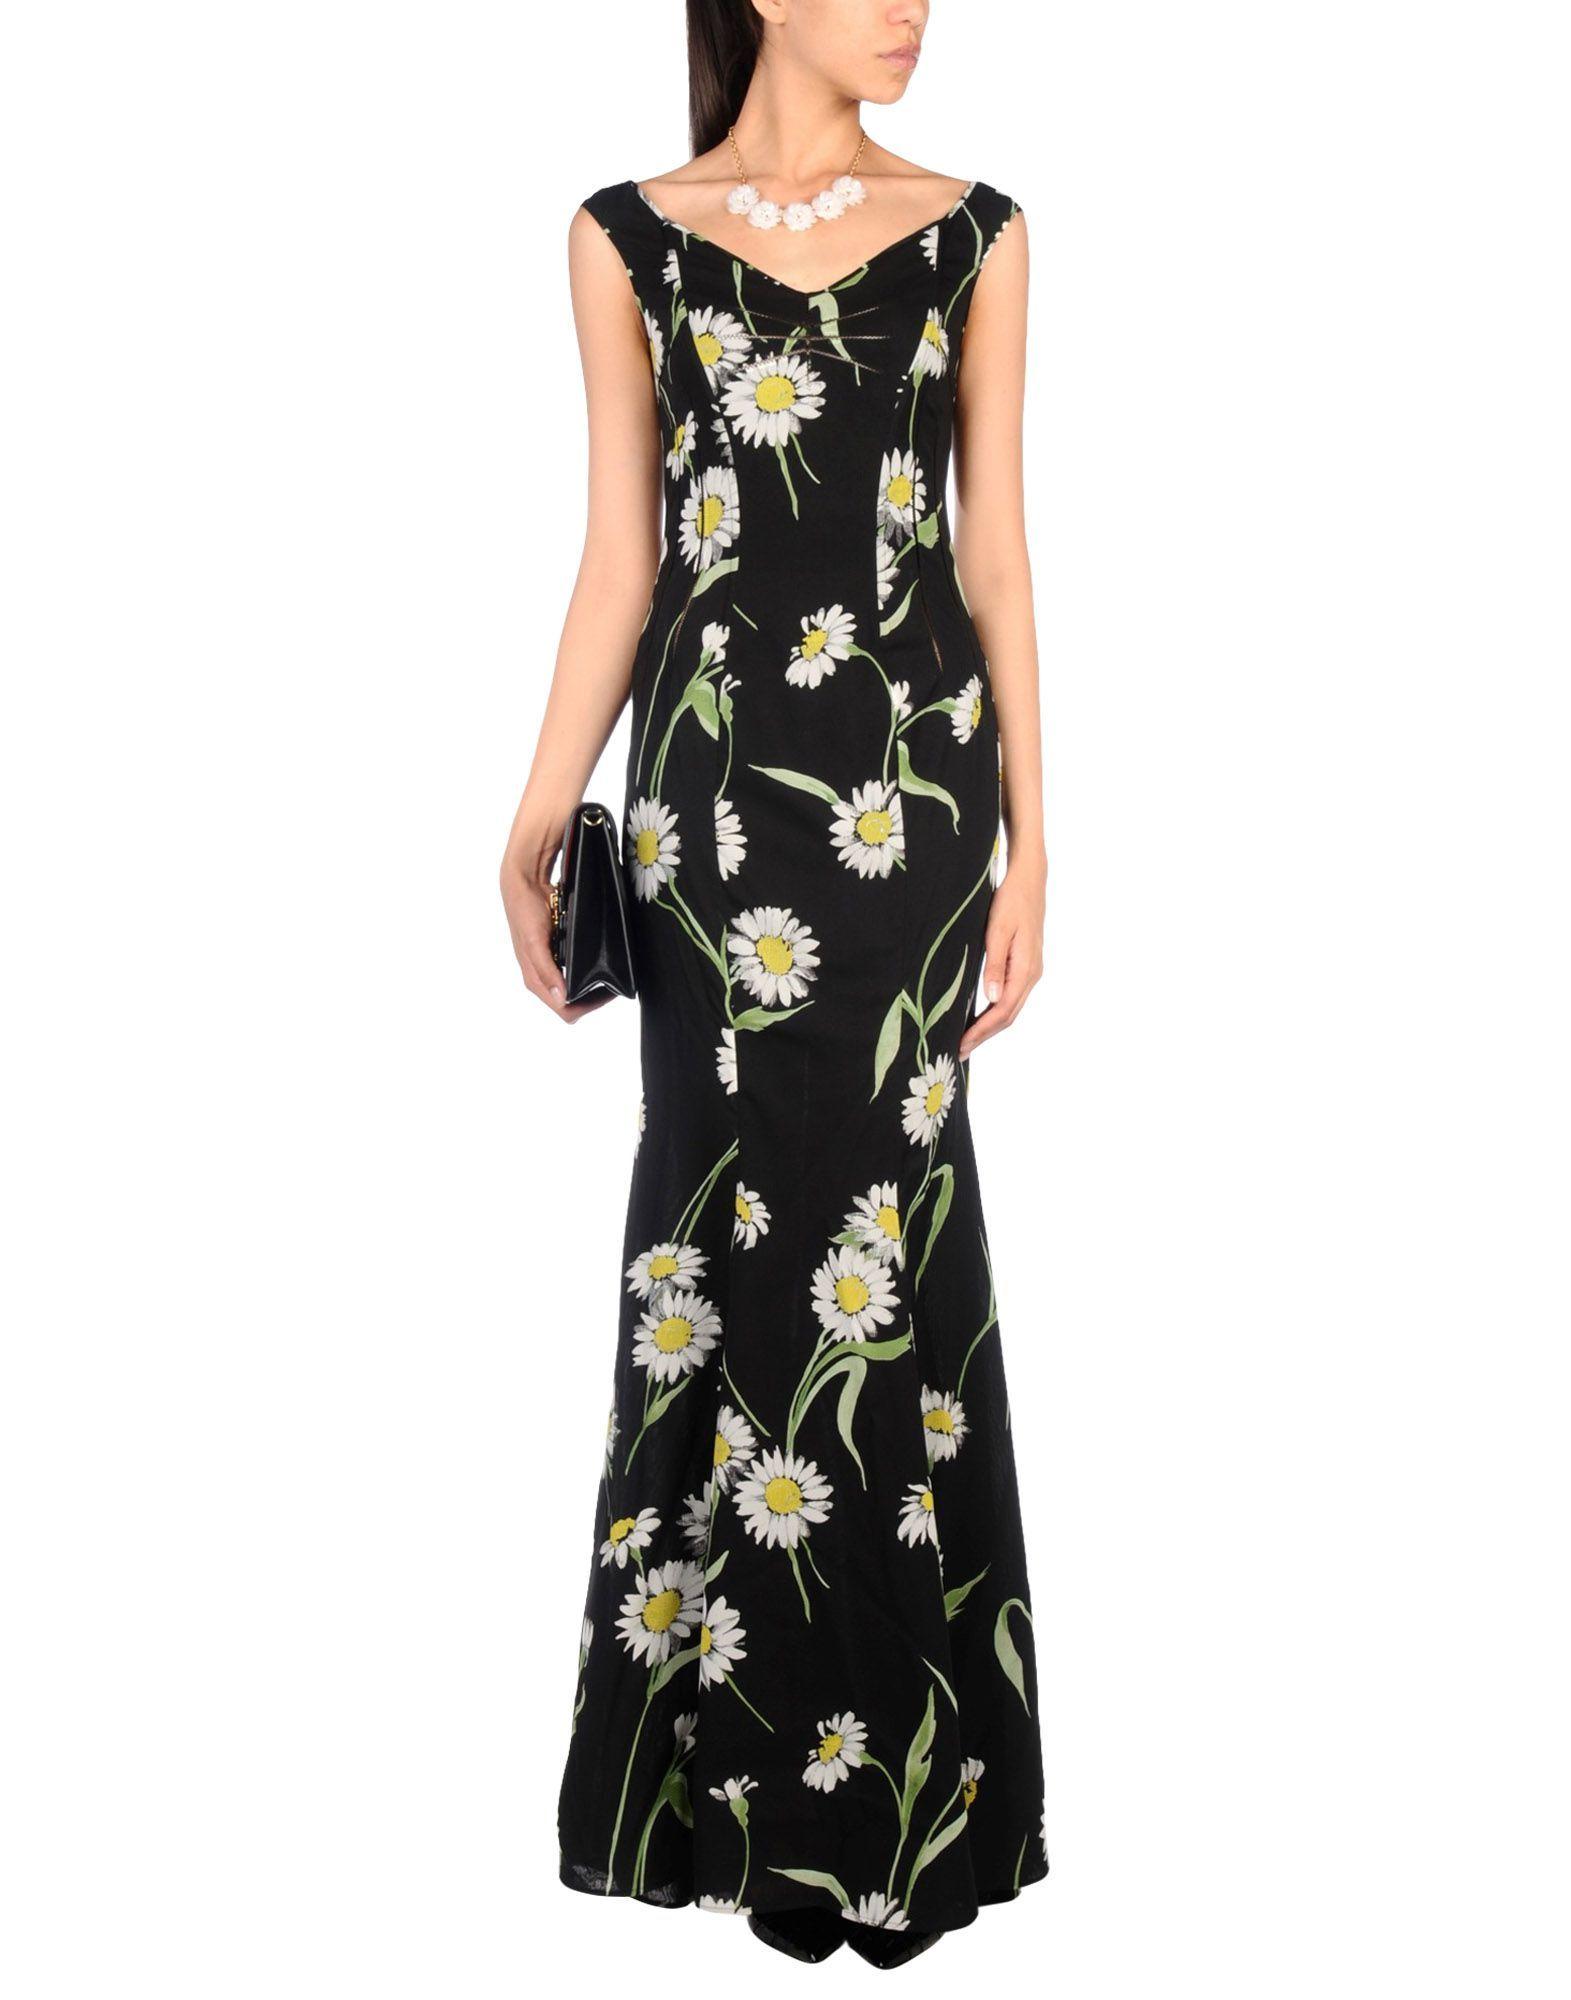 Vestiti Eleganti Yoox.Dolce Gabbana Vestito Lungo Vestiti Abiti Da Sera Eleganti